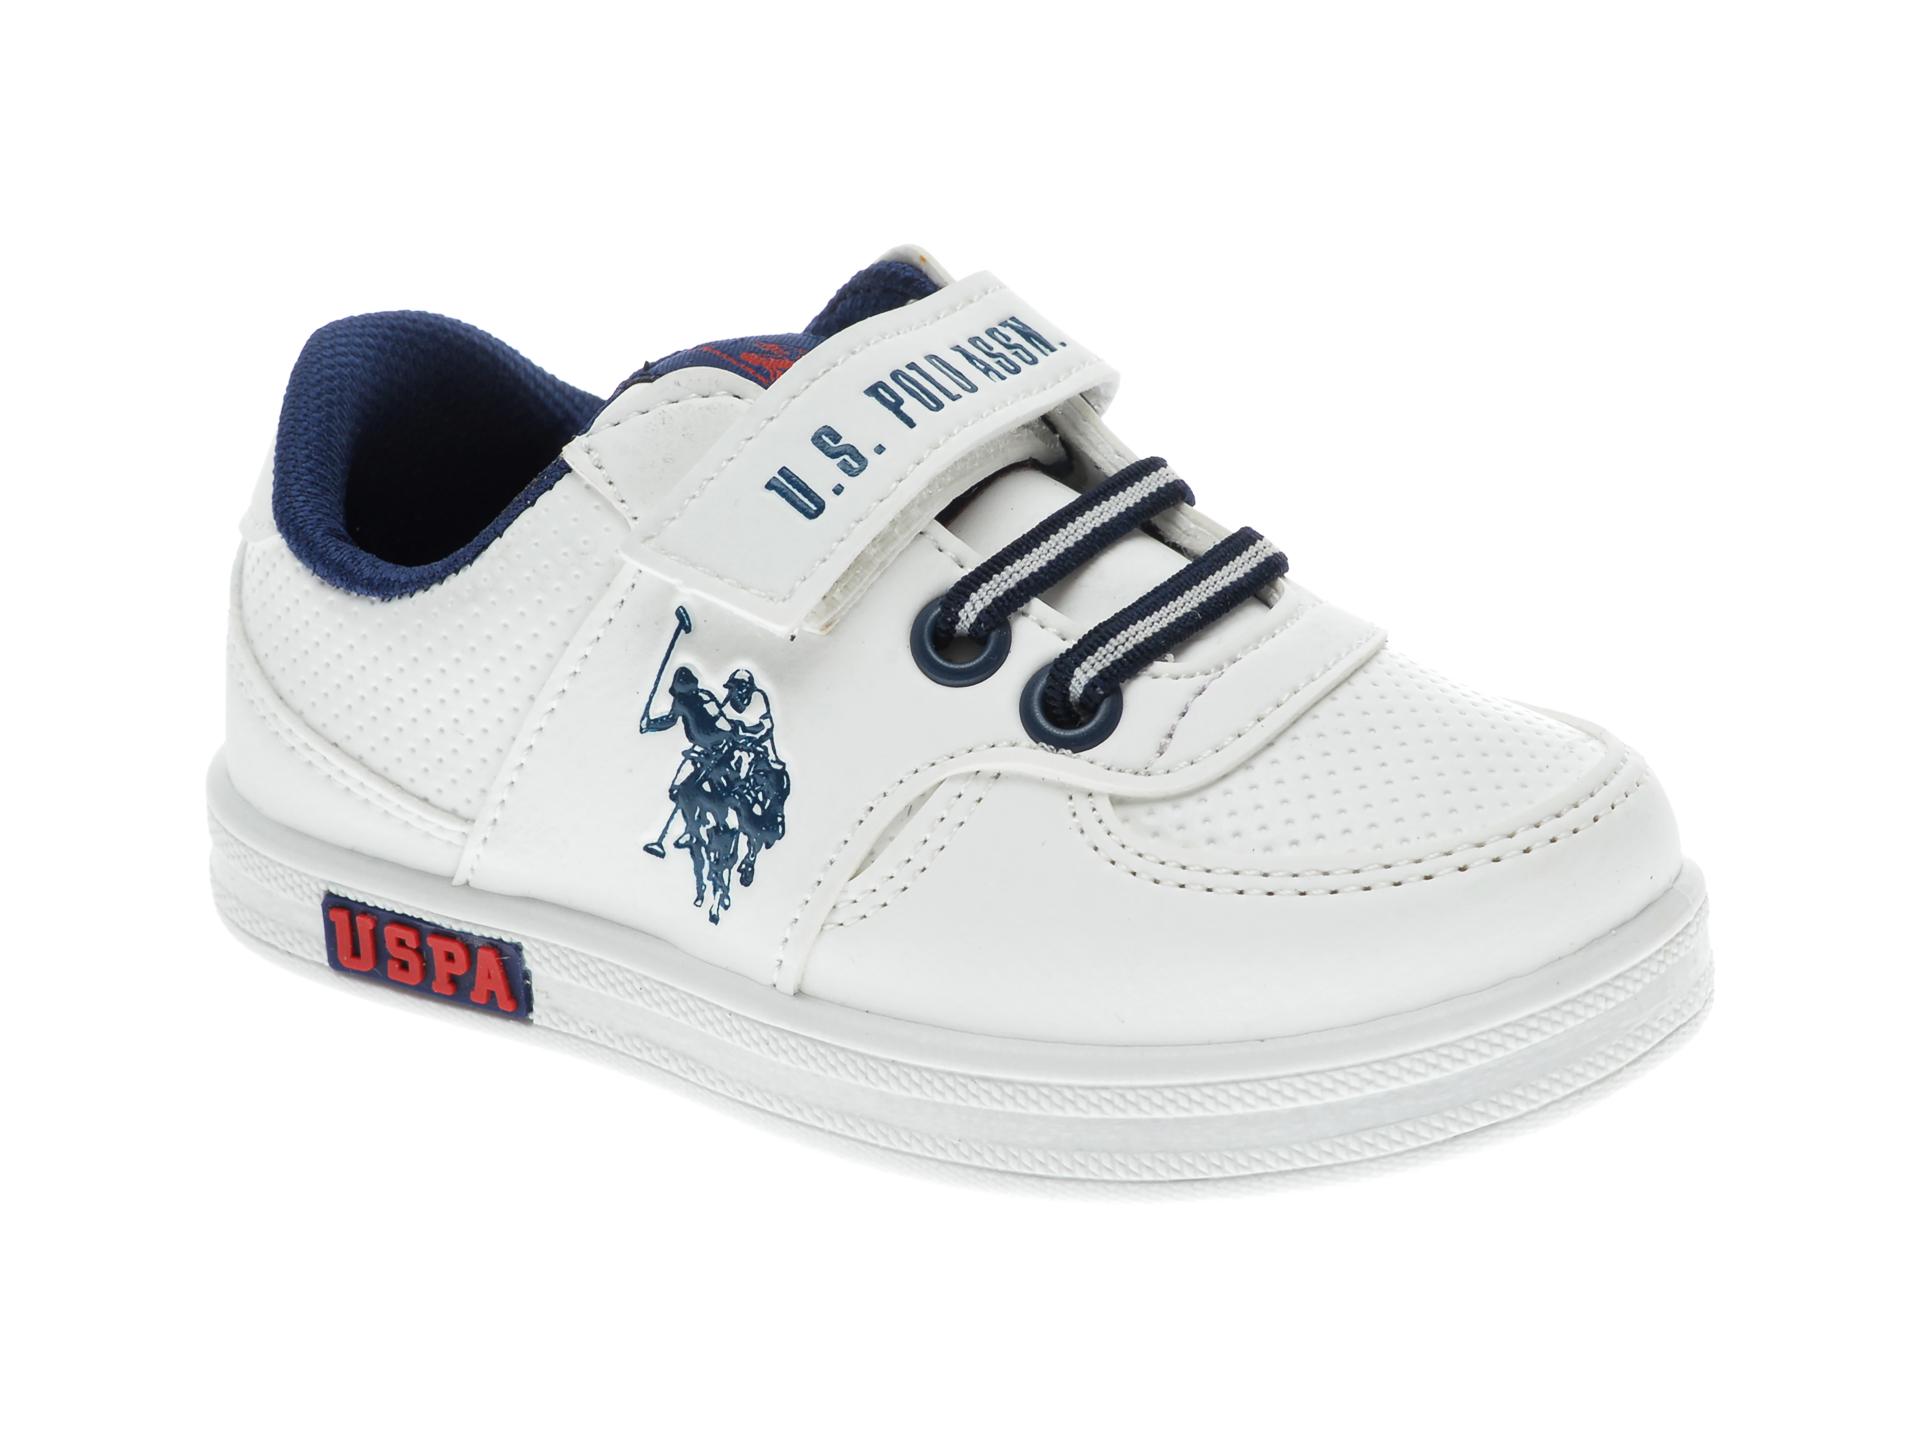 Pantofi sport US POLO ASSN albi, 241648, din piele ecologica imagine